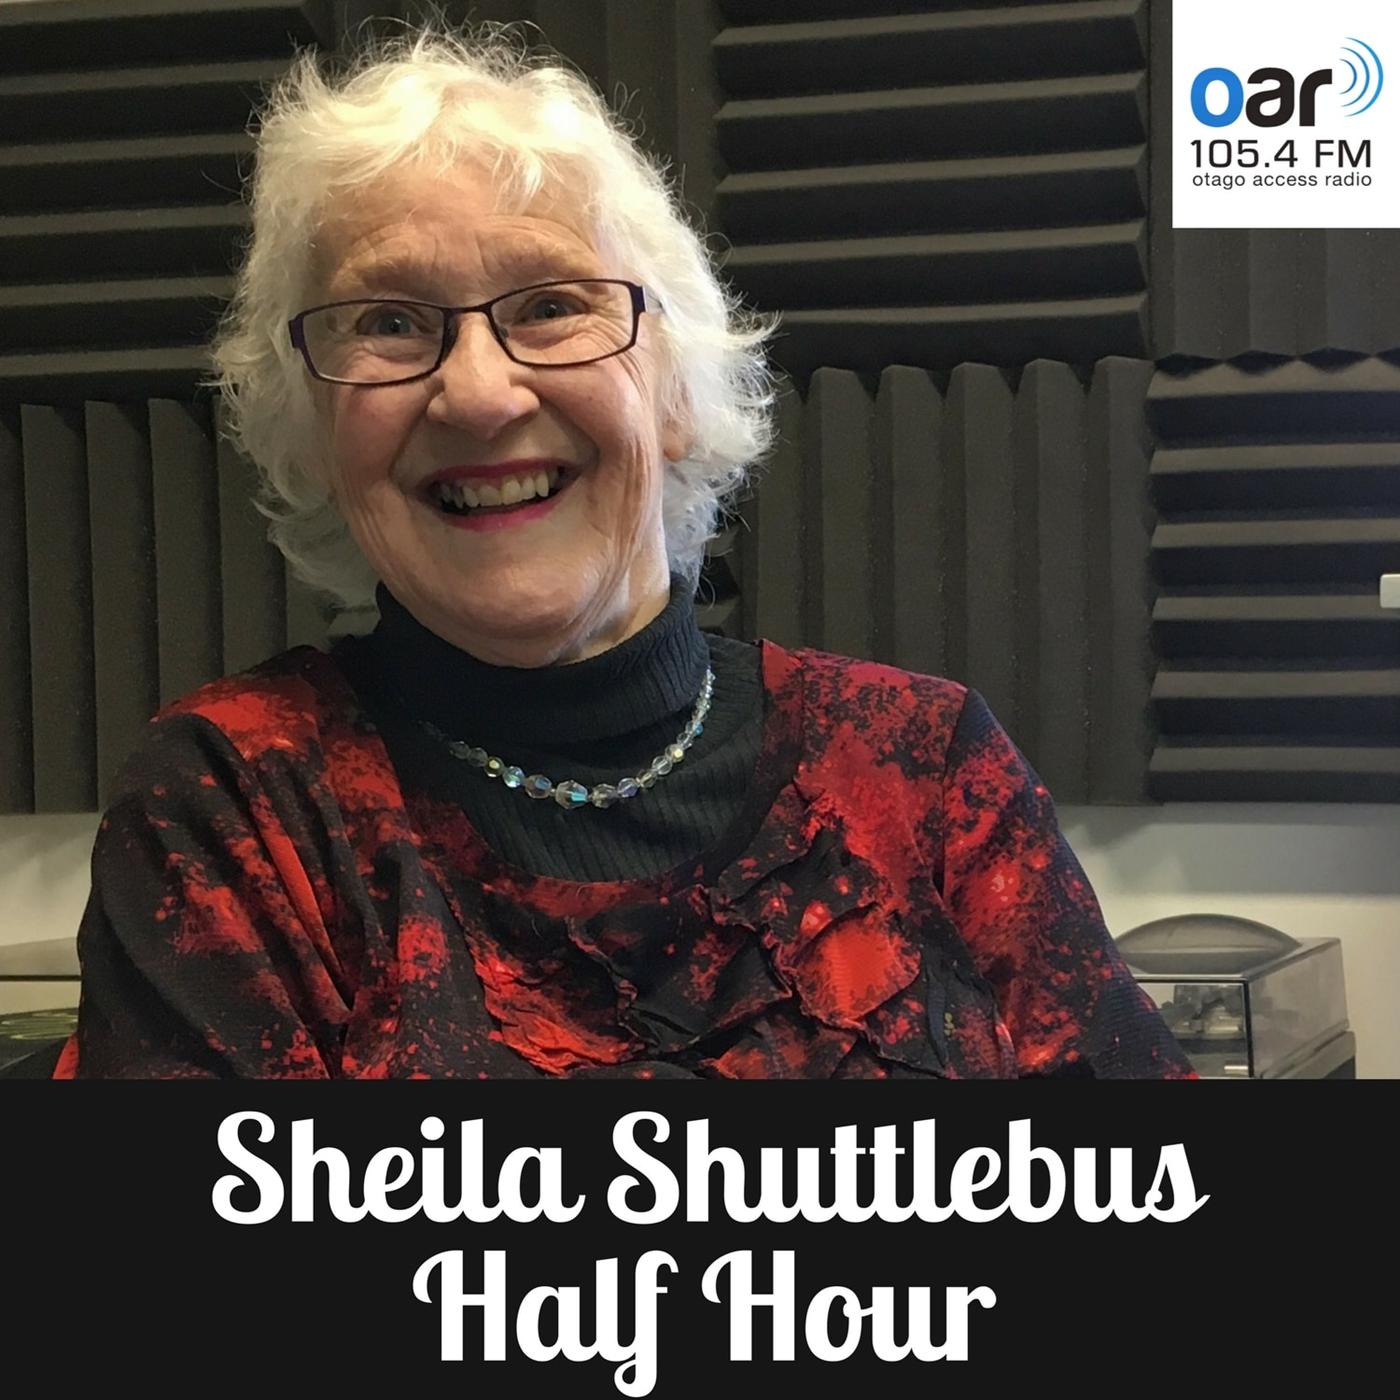 Sheila Shuttlebus Half Hour - 20-05-2019 - Show 235